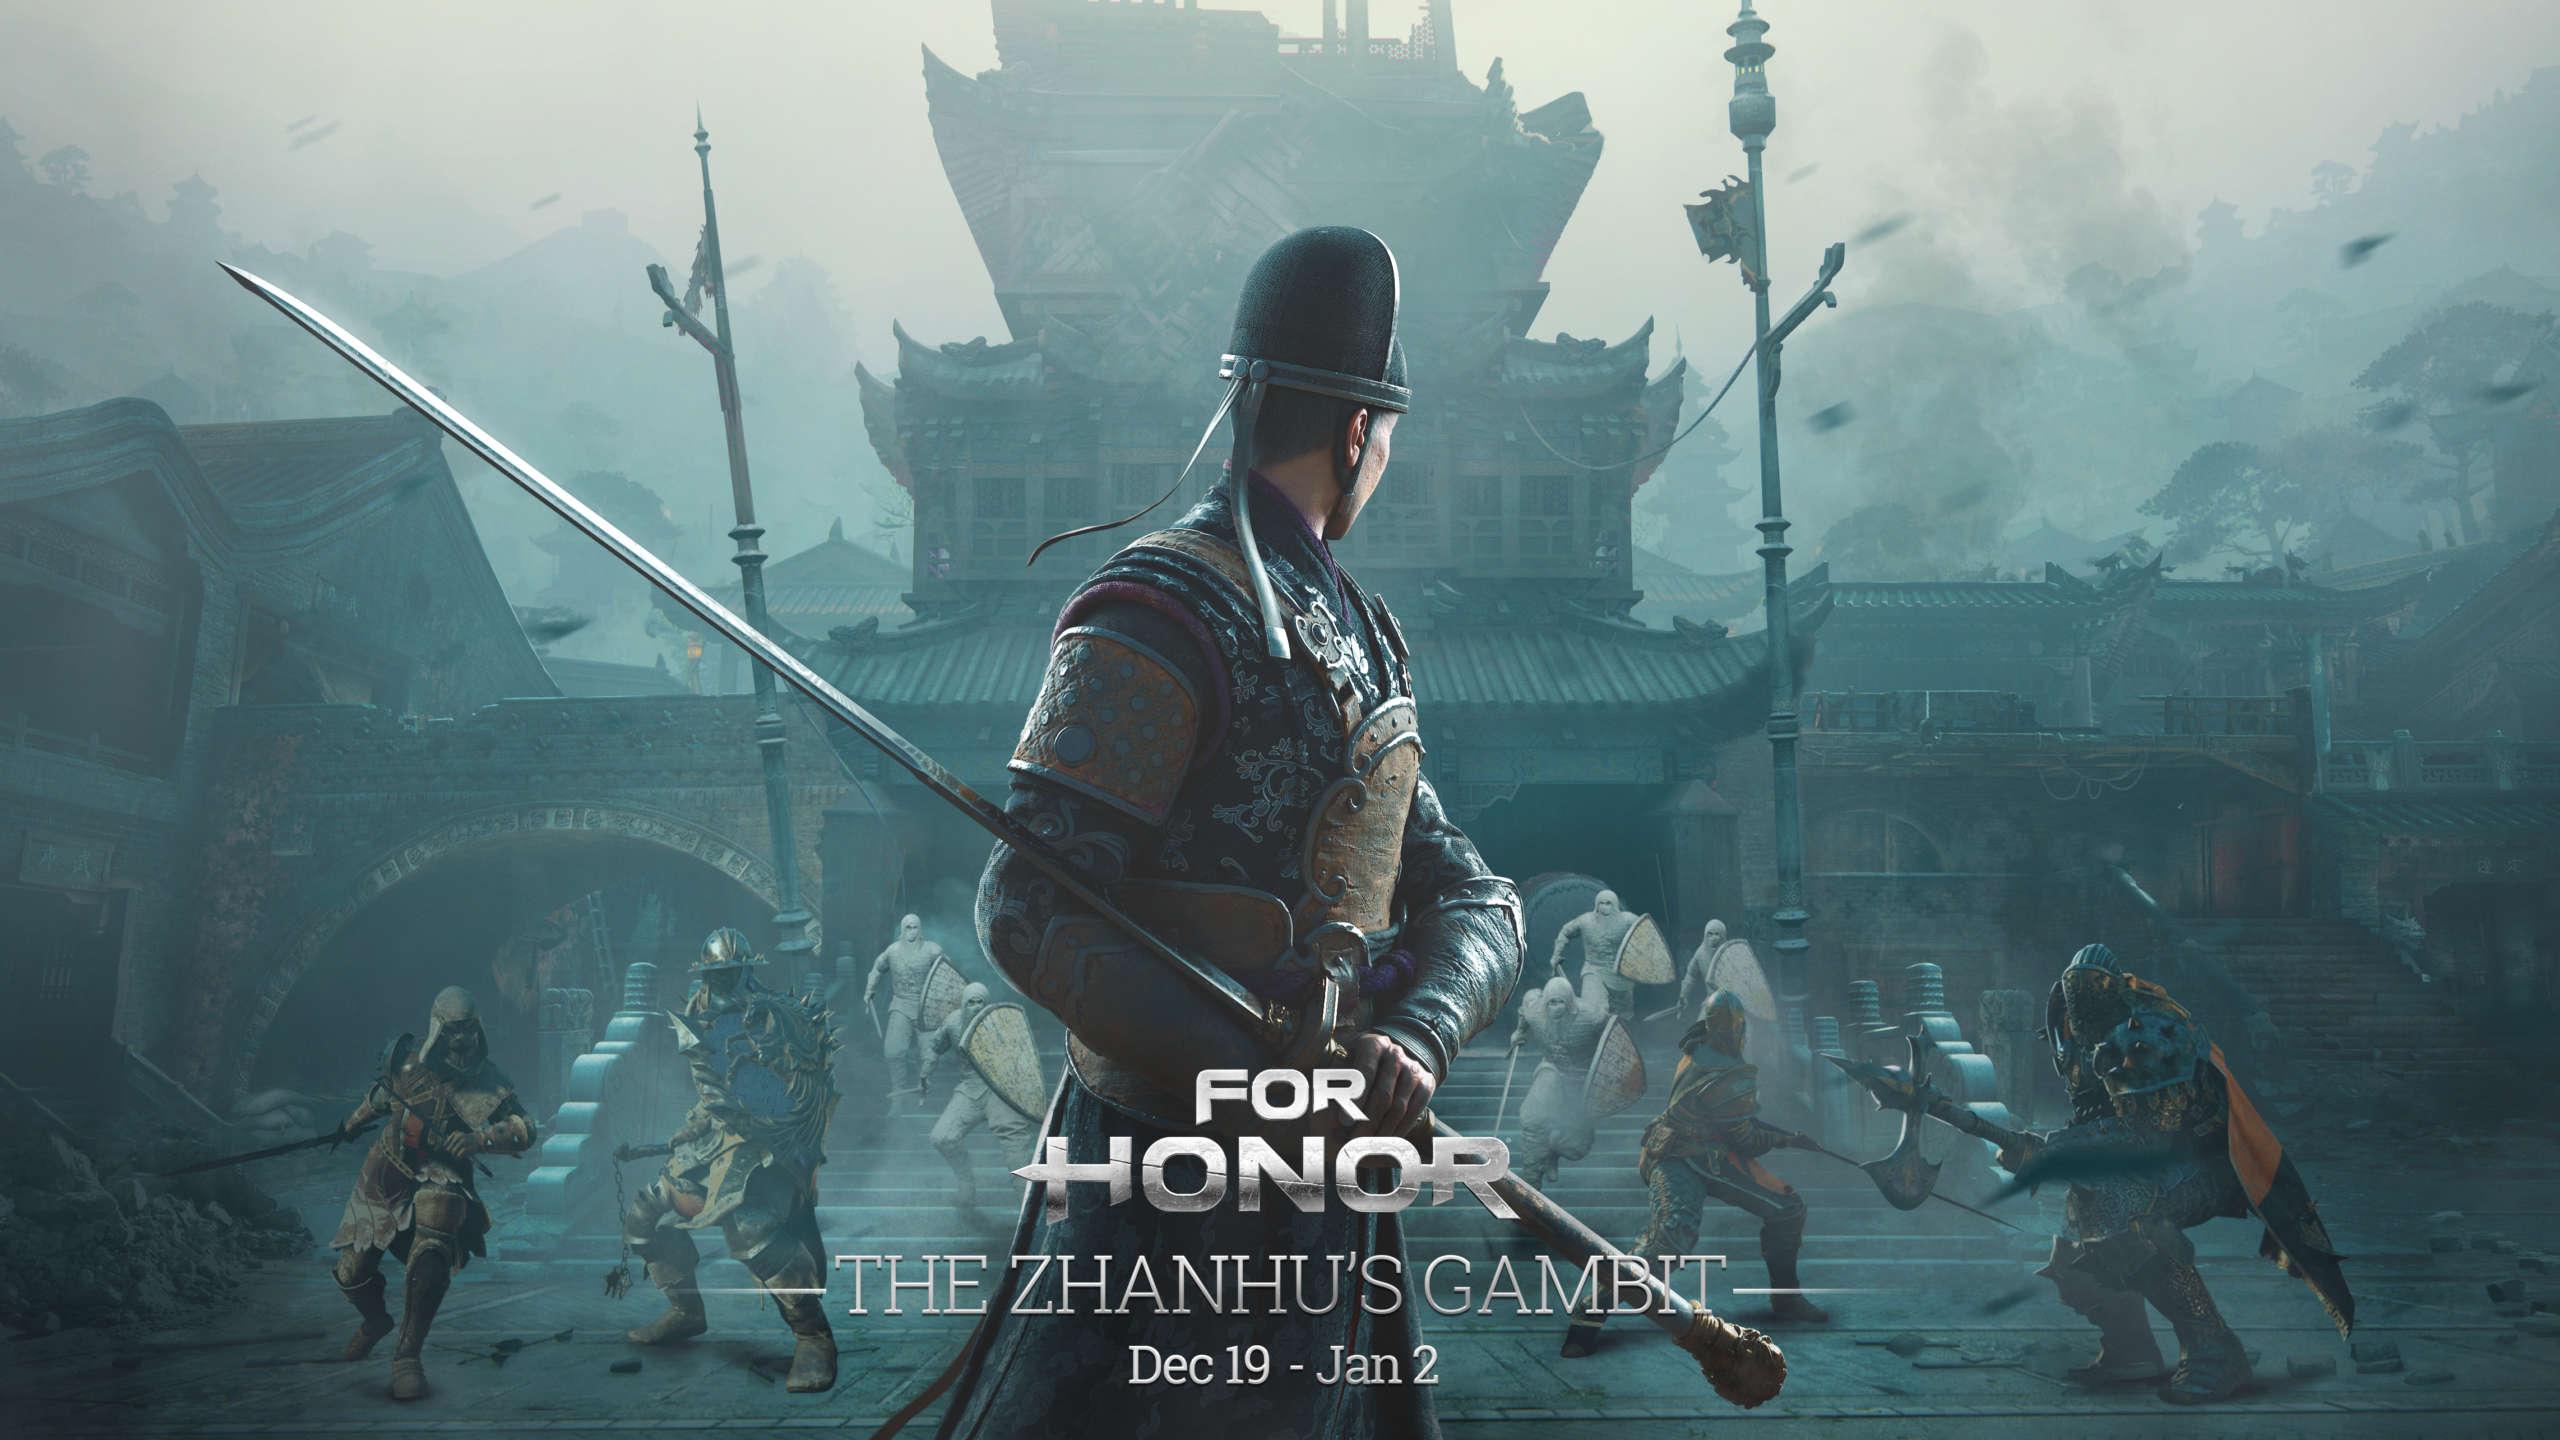 The Zhanhu's Gambit